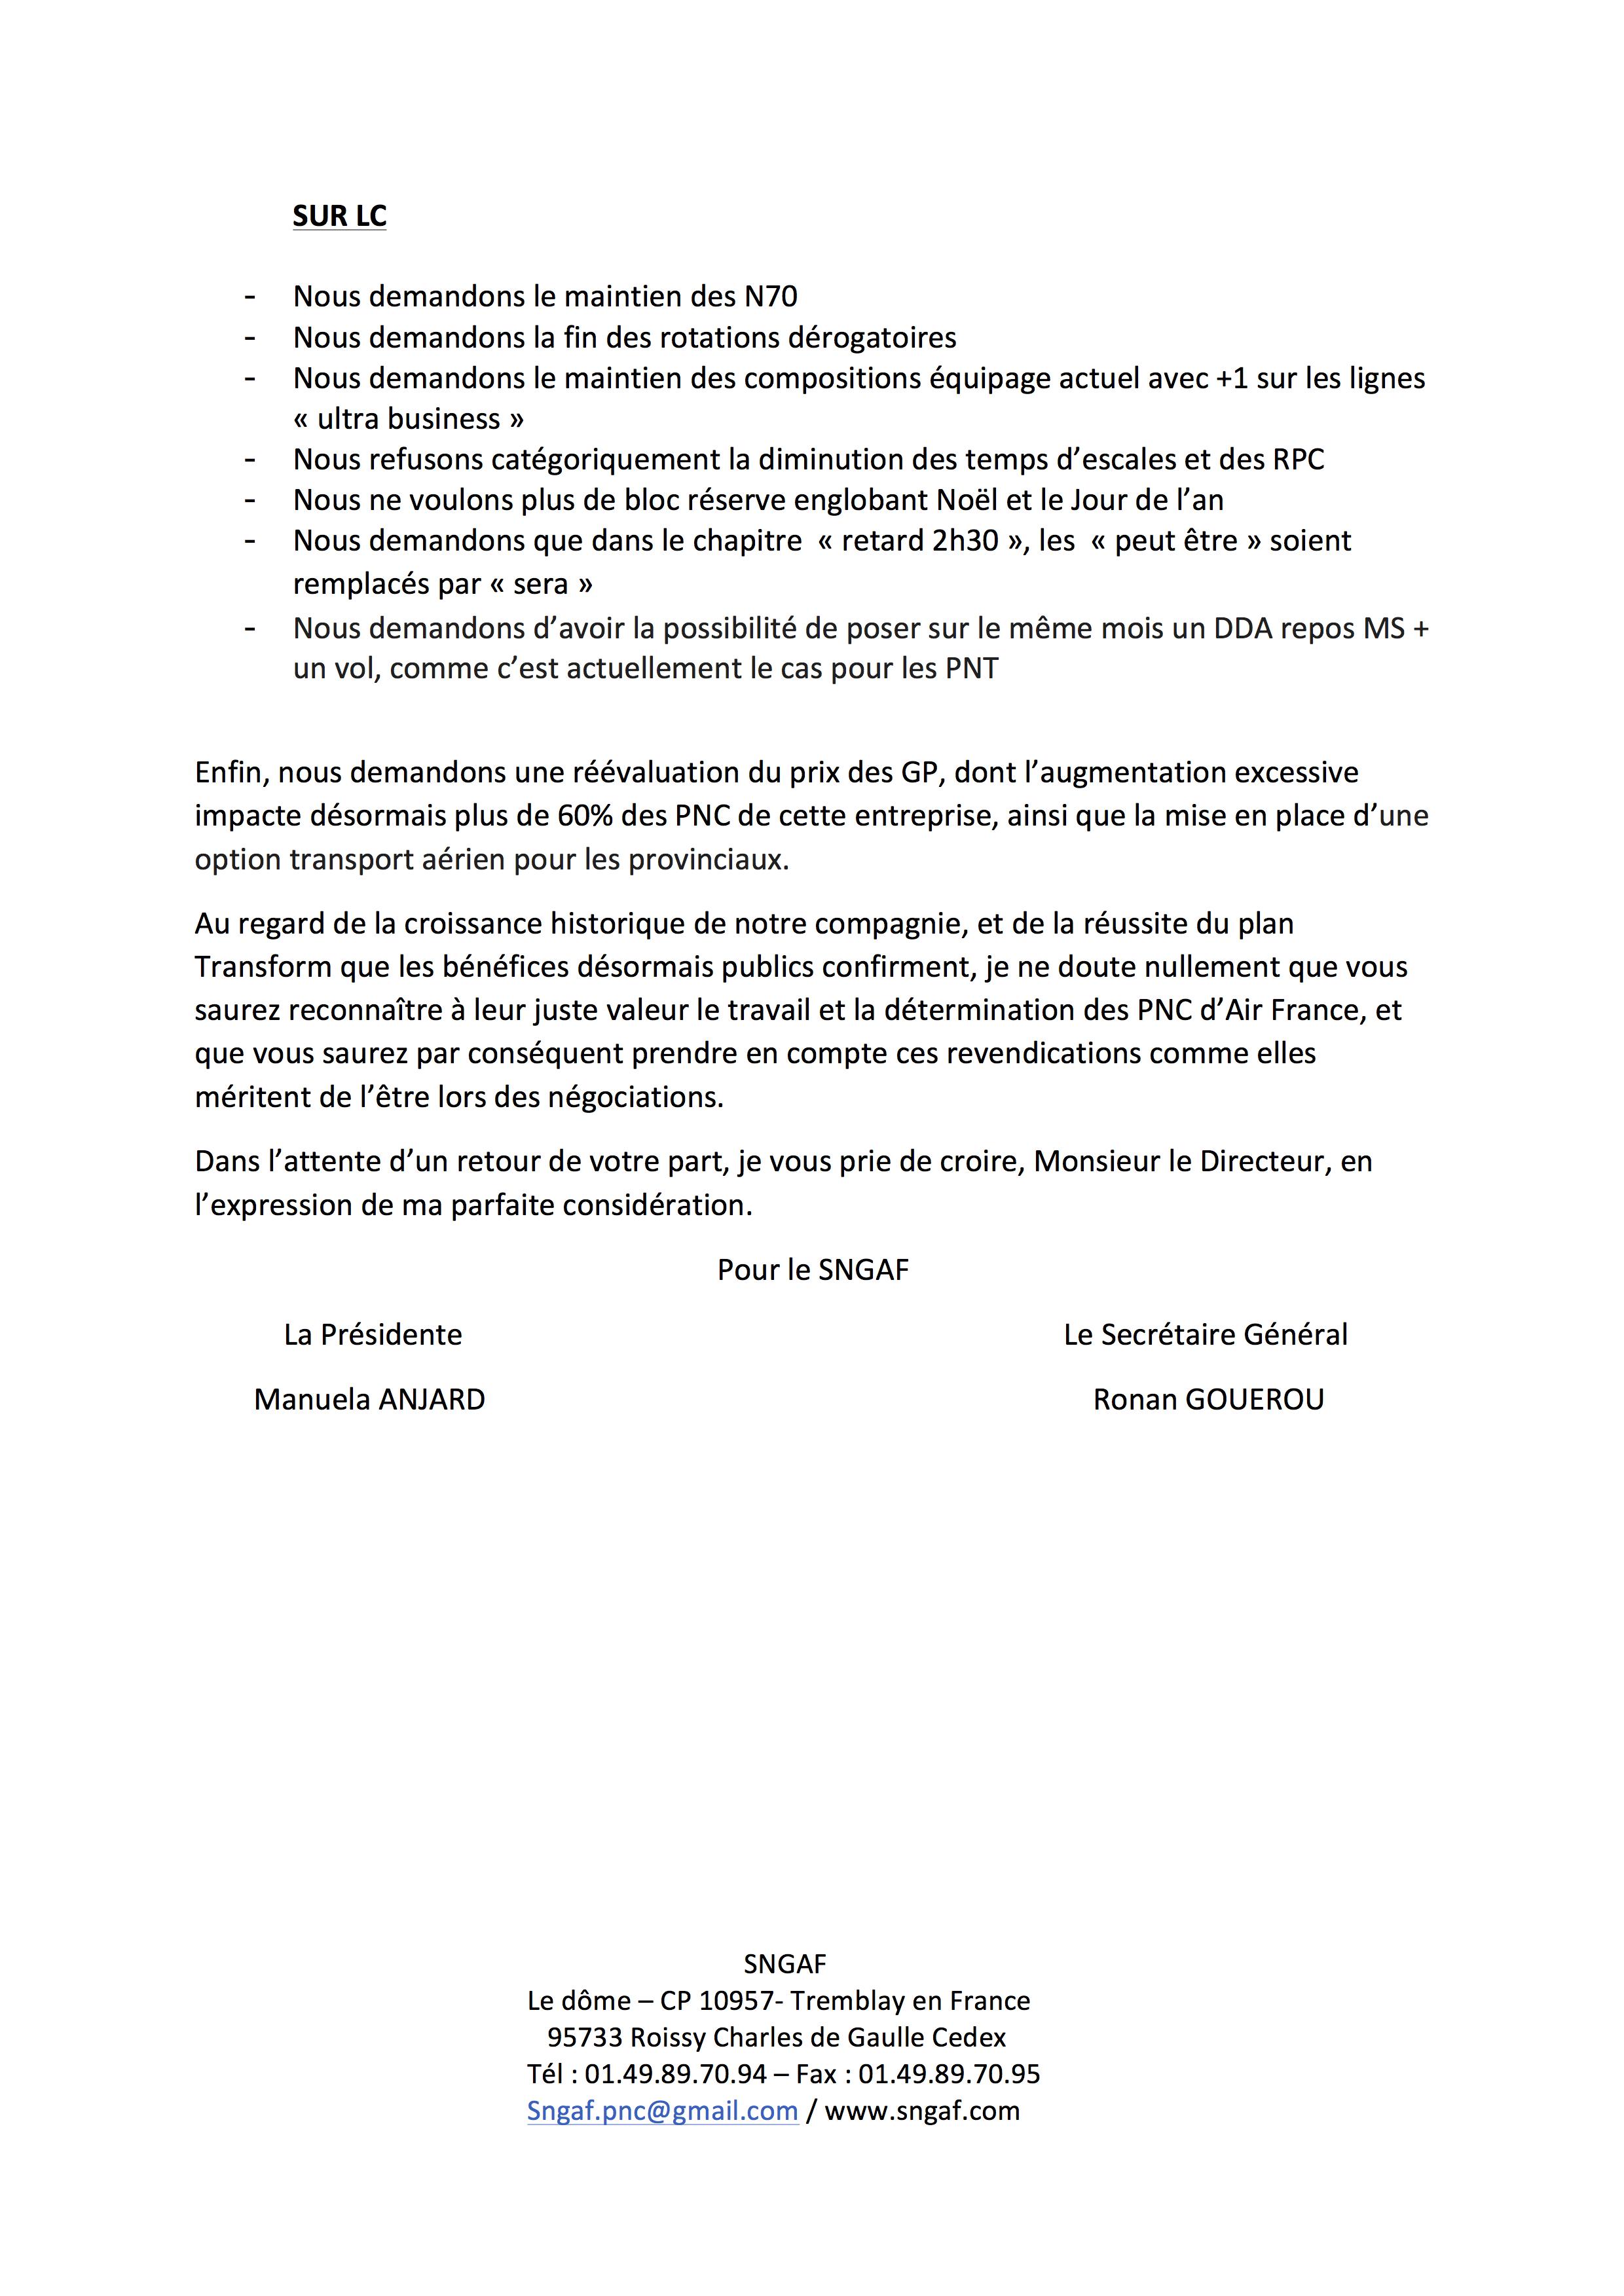 20161019-courrier-mr-bargeton-prolongation-preavis-de-greve-2-3